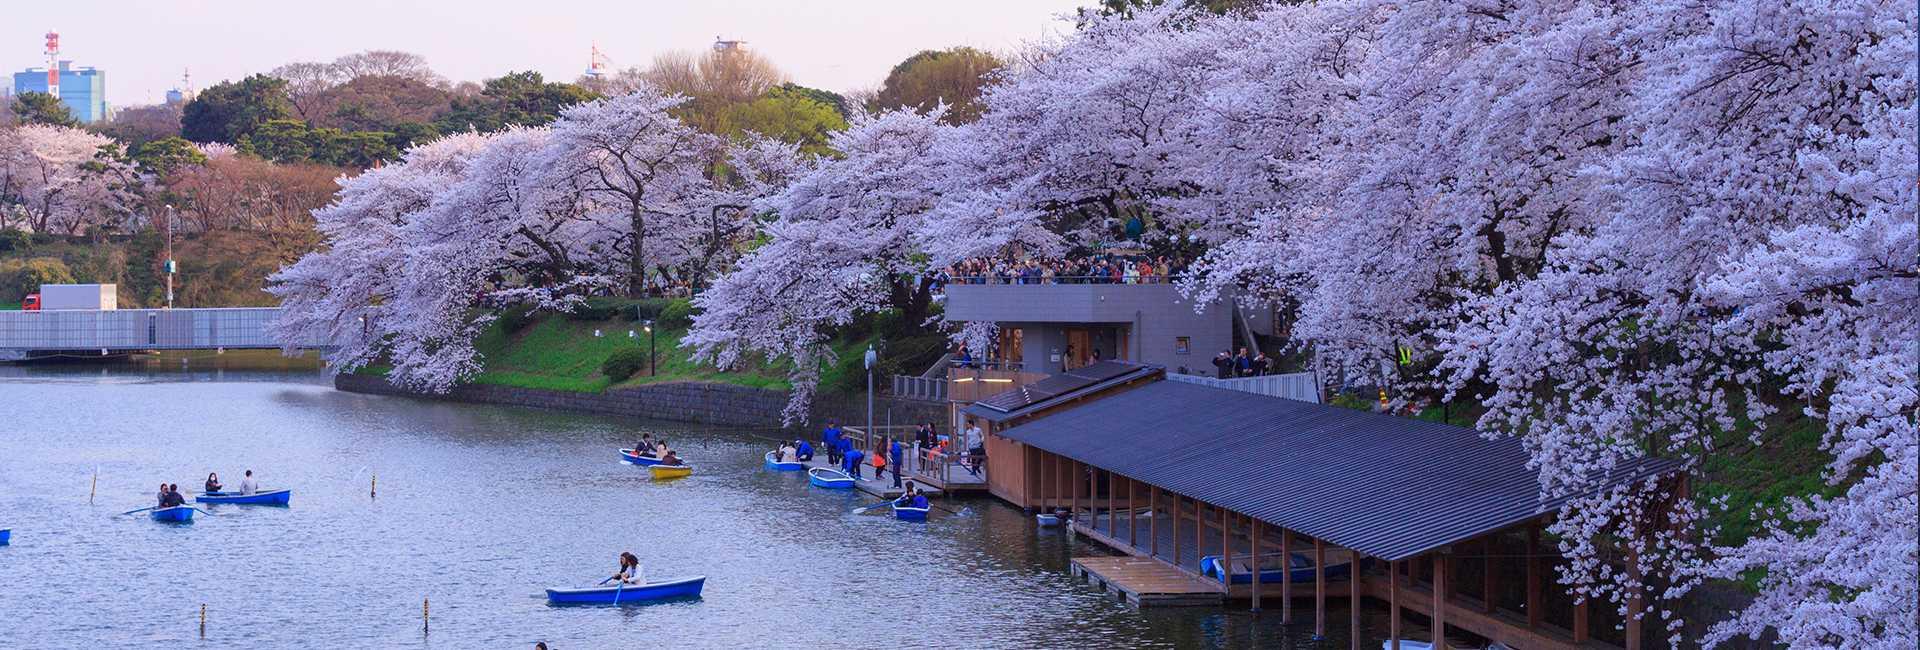 fiori di ciliegio a Tokyo